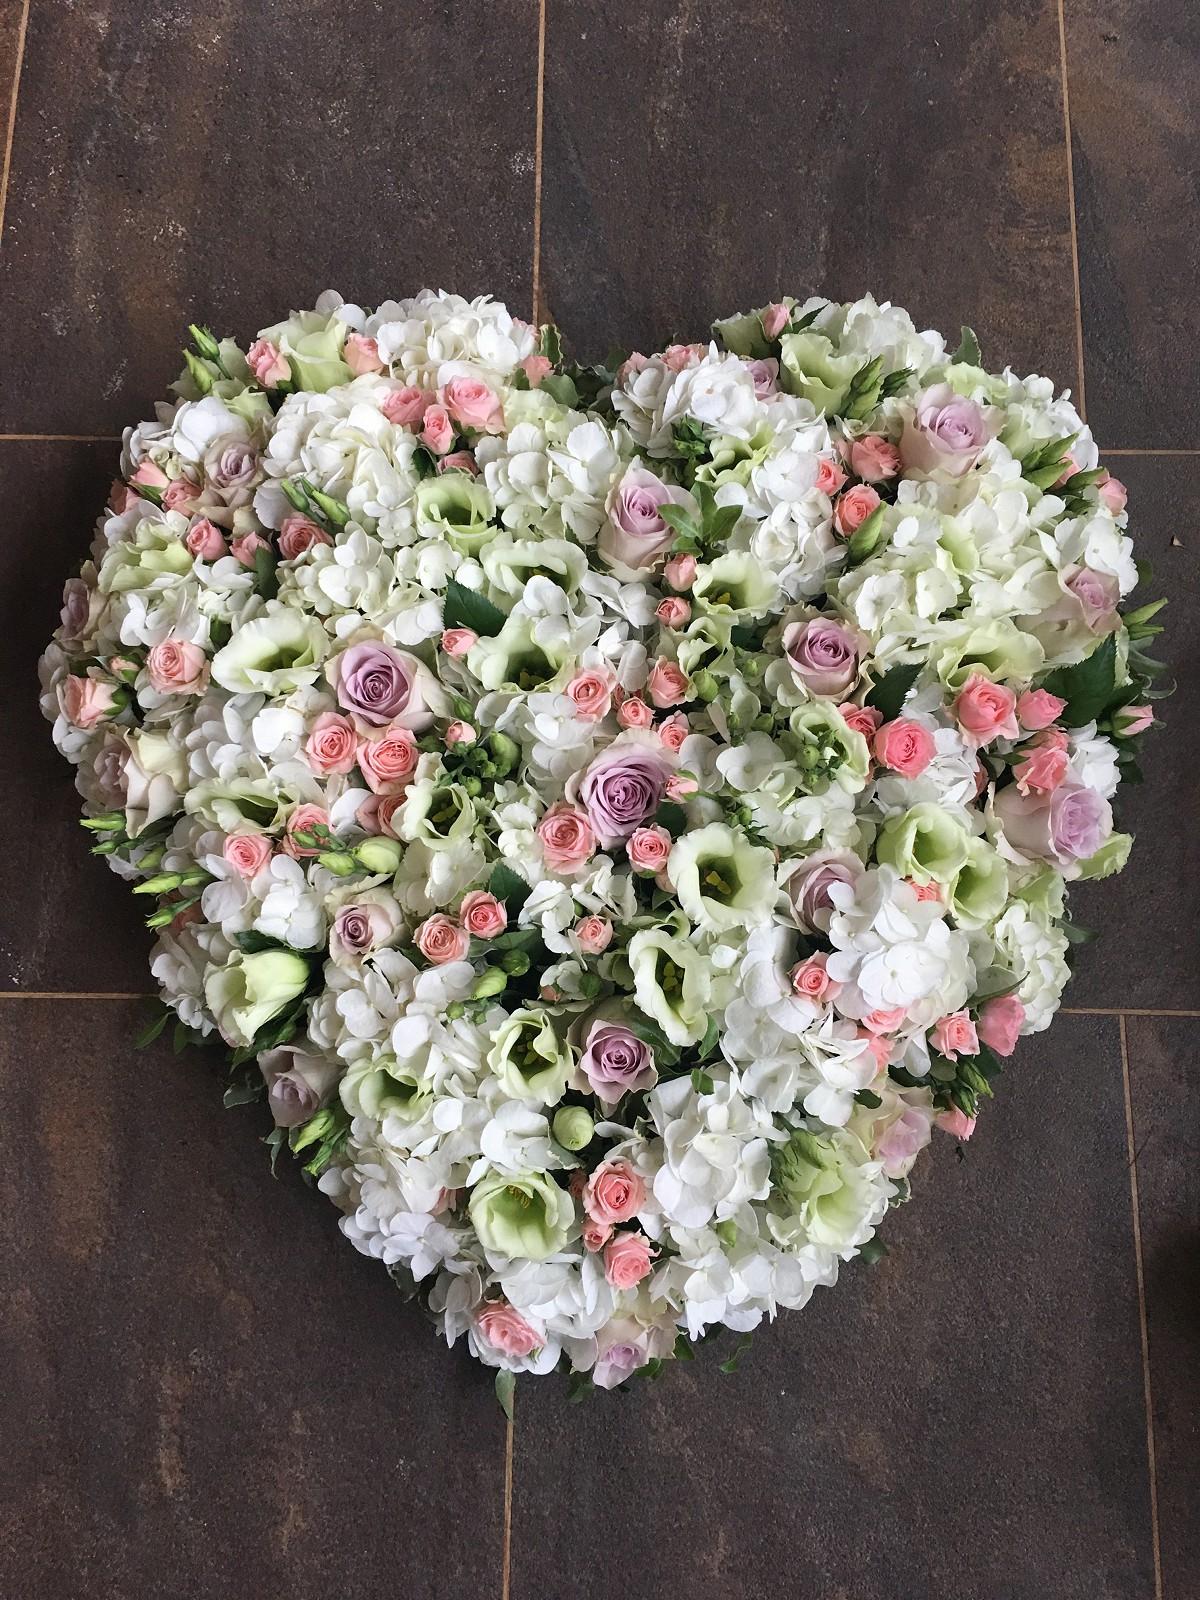 Funeral flowers izmirmasajfo Gallery